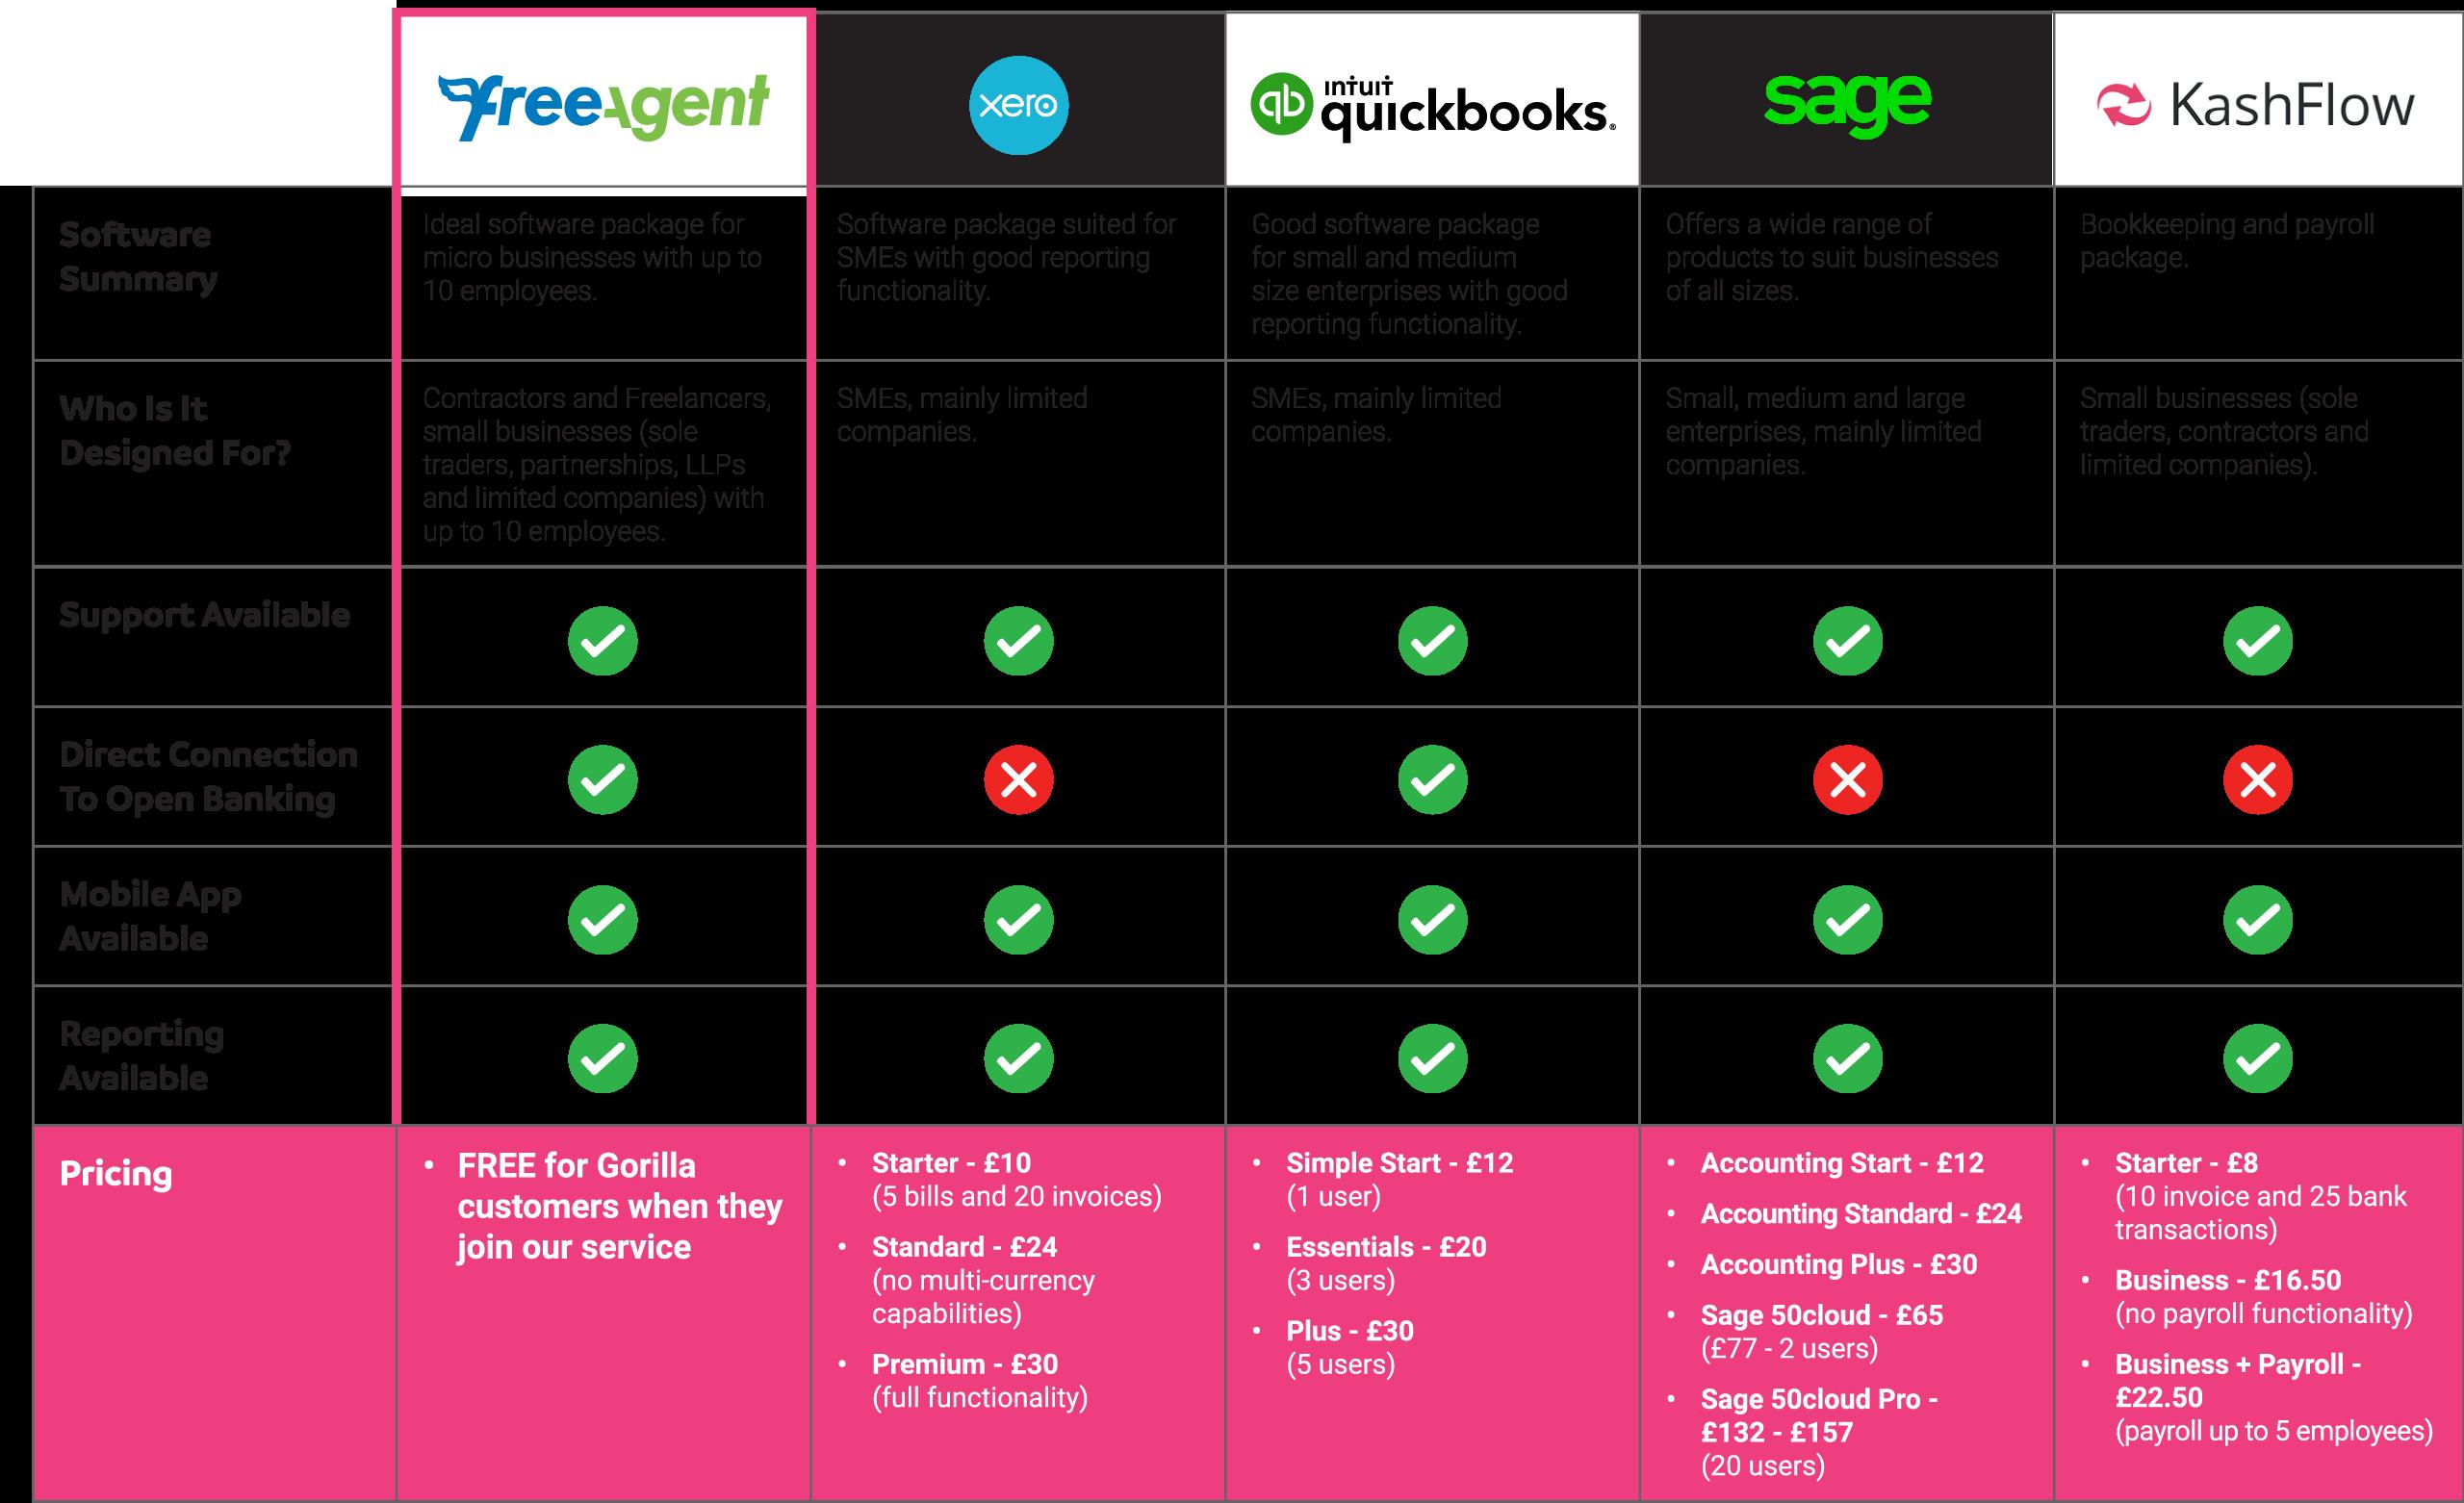 FreeAgent Comparison Table